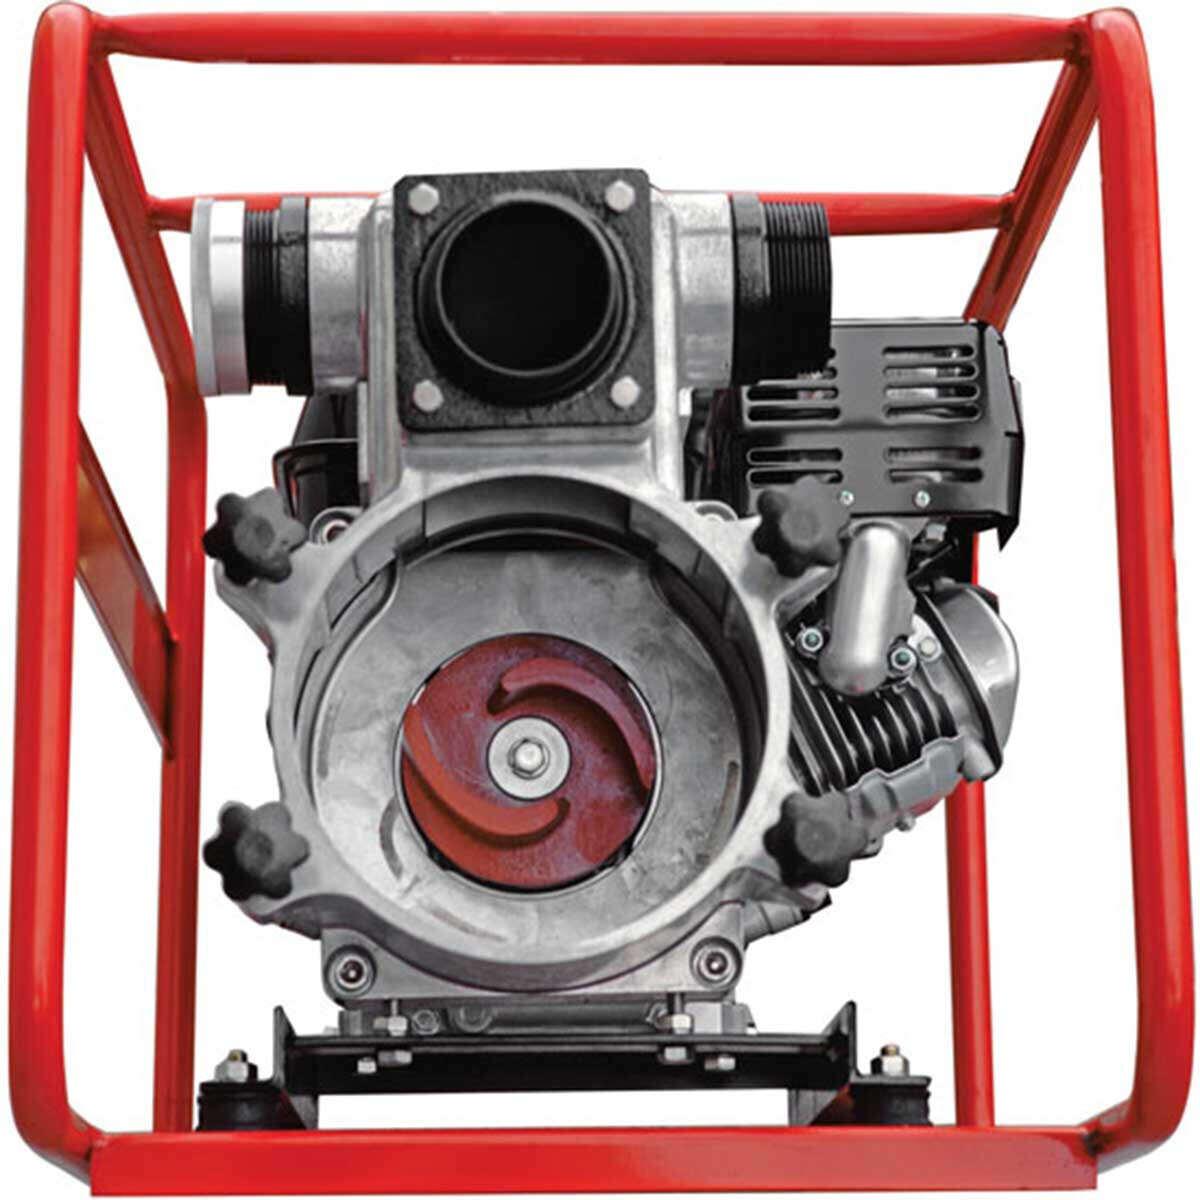 Multiquip QP3TH Pump with Honda GX240 Gas Motor